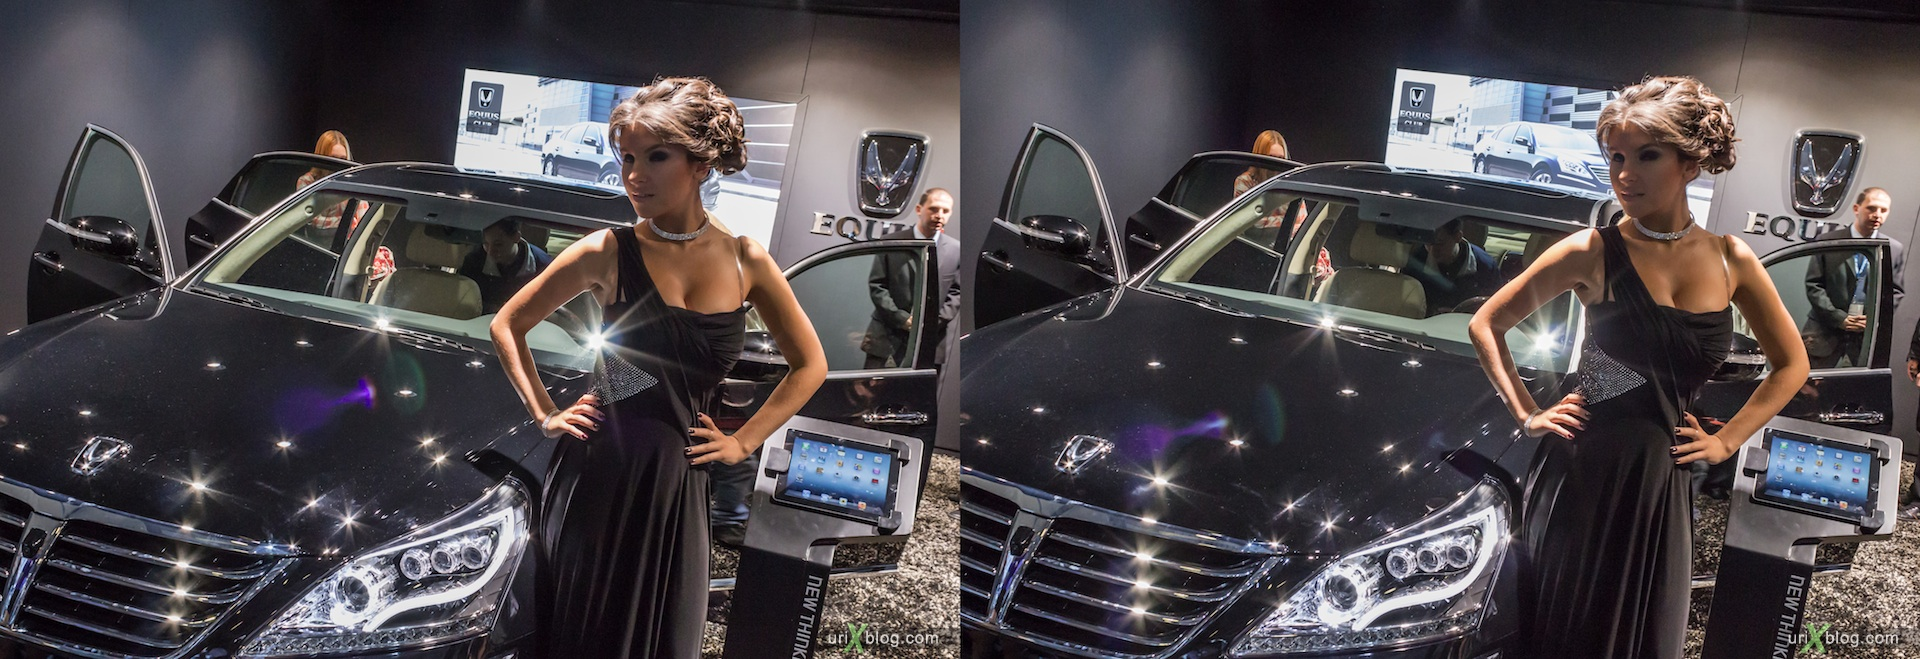 2012, Hyundai Equus, девушка, модель, Московский международный автомобильный салон, ММАС, Крокус Экспо, 3D, стереопара